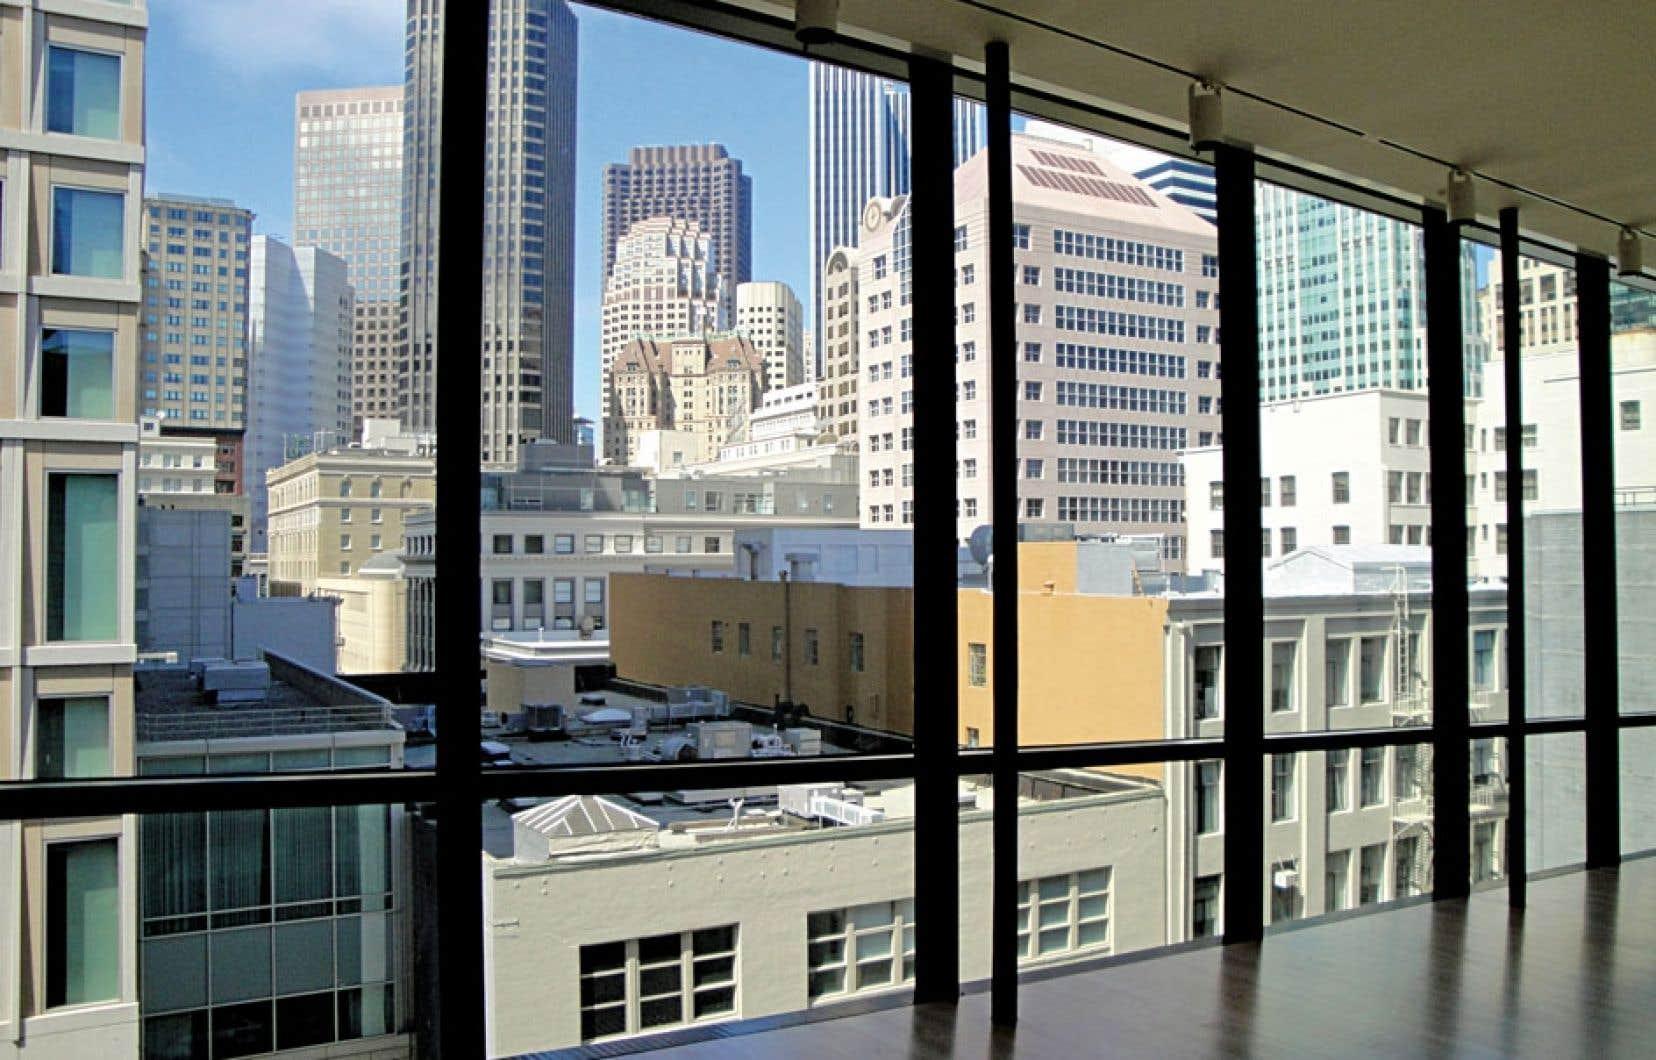 San Francisco, place forte de la contestation sociale et de la contre-culture américaine, est aujourd'hui le lieu de la plus forte gentrification jamais observée.